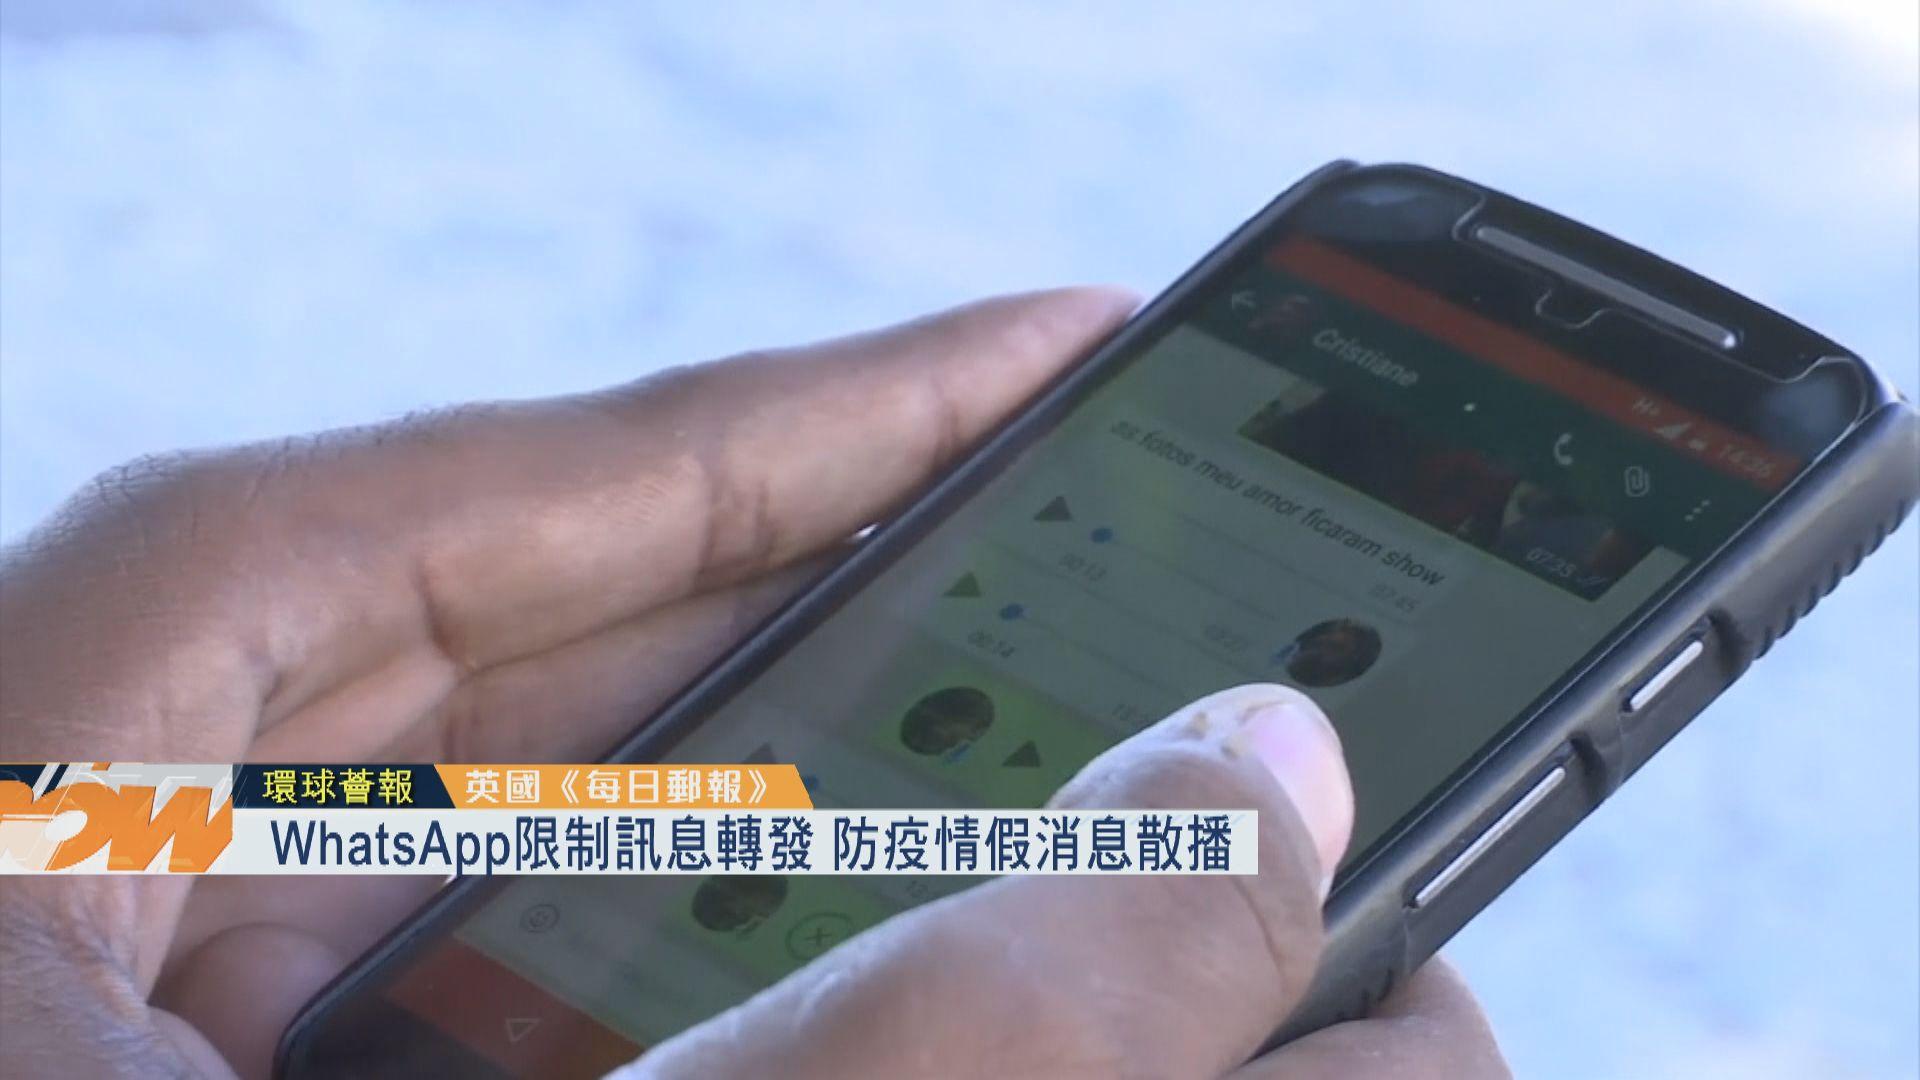 【環球薈報】WhatsApp限訊息轉發防假消息散播